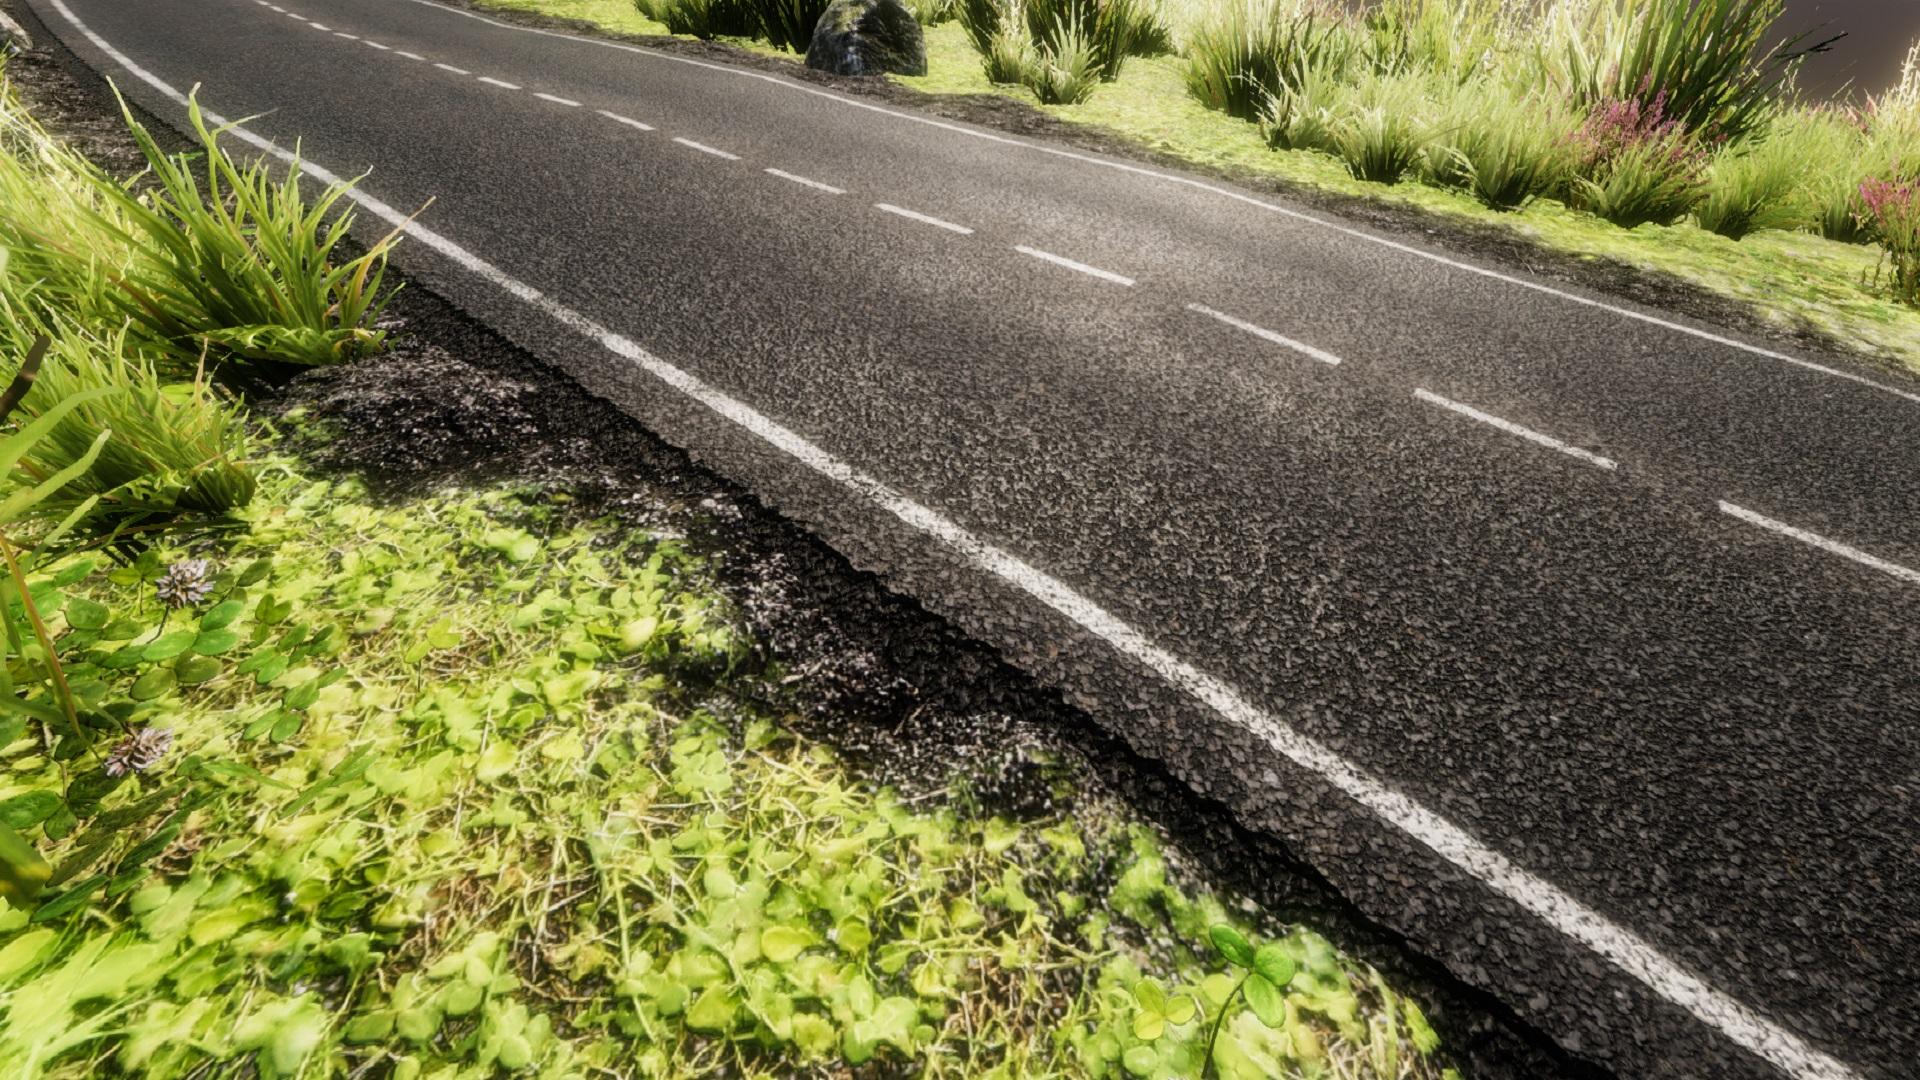 Road Example2.jpg